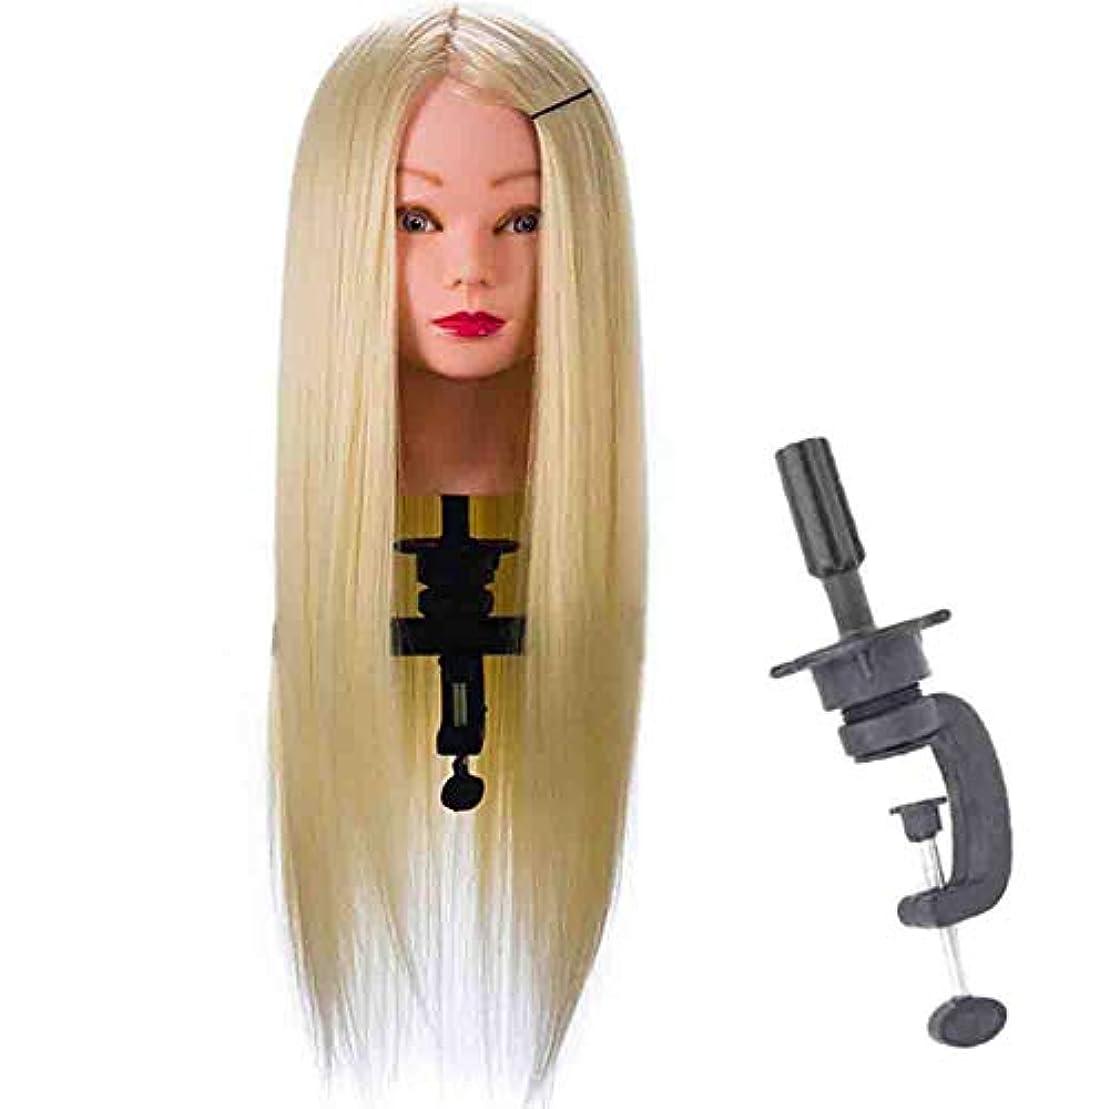 騒乱選択する野心的シミュレーションウィッグヘッドダイドールヘッドモデルエクササイズディスクヘアブレードヘアメイクスタイリングヘアサロンダミーマネキンヘッド